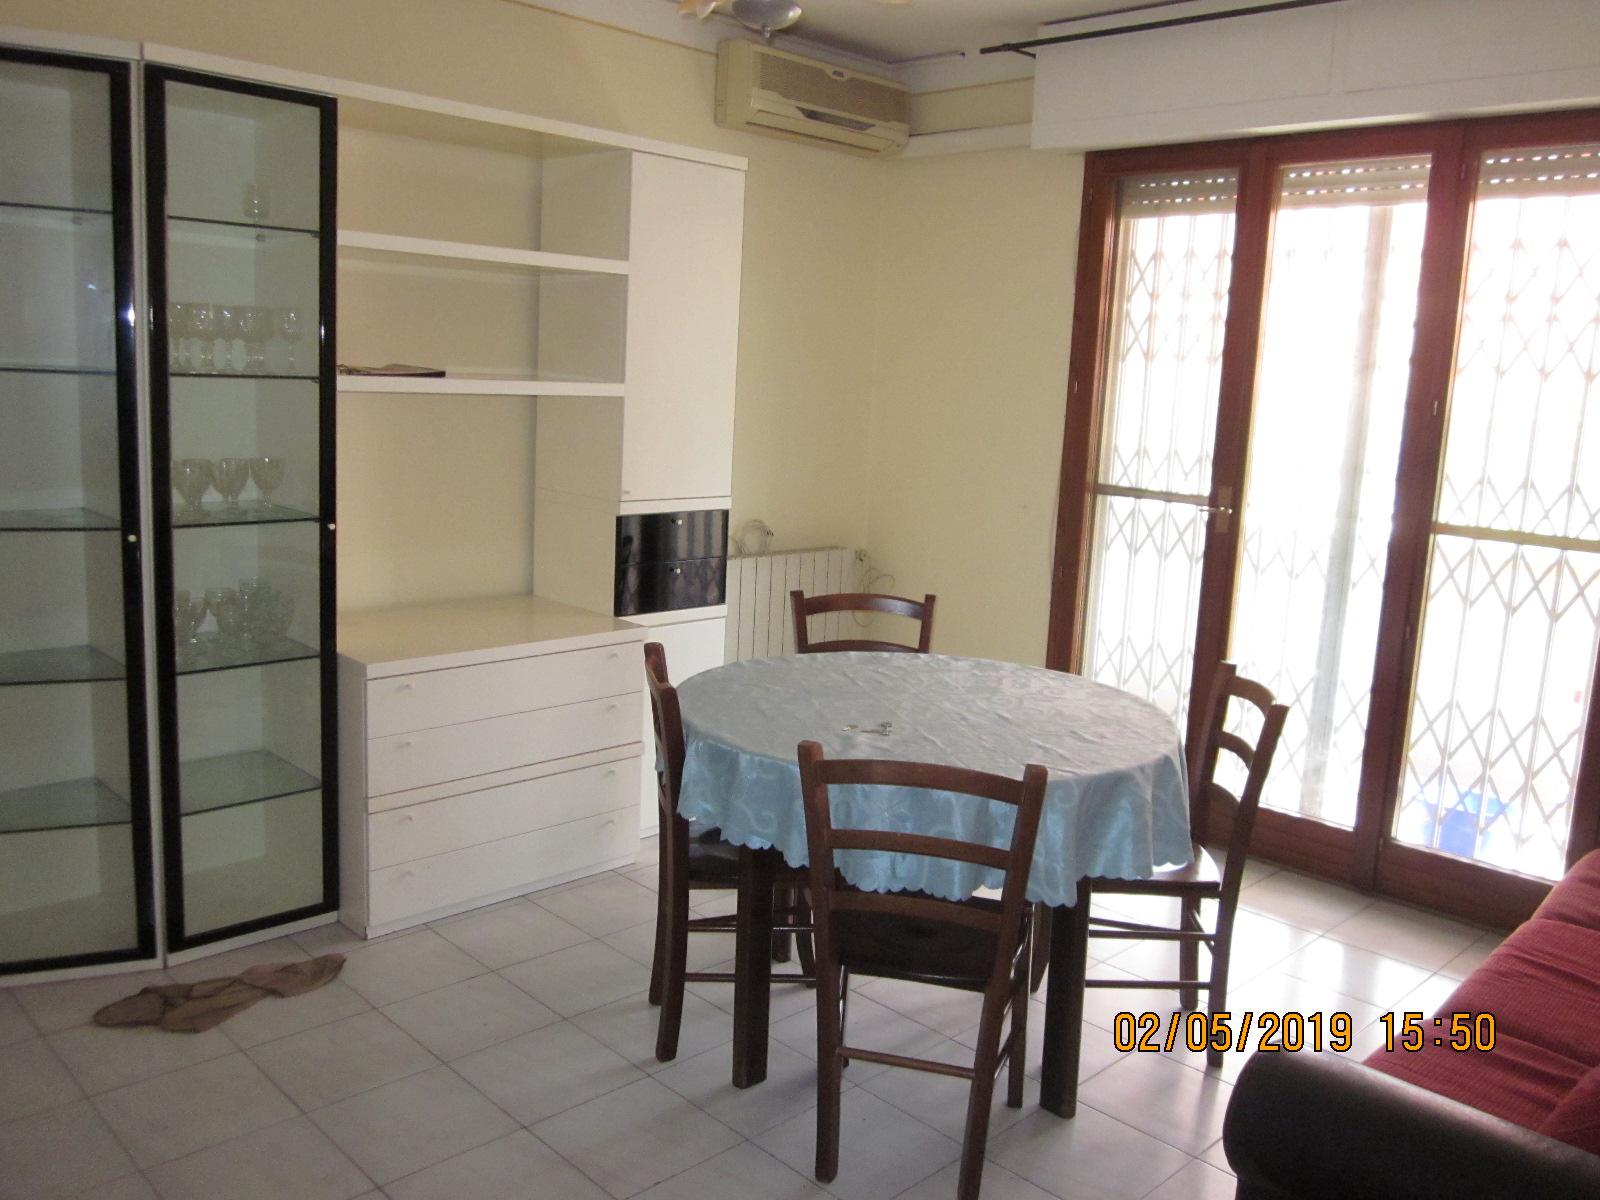 viareggio affitto quart: centro studio immobiliare sarah del carlo